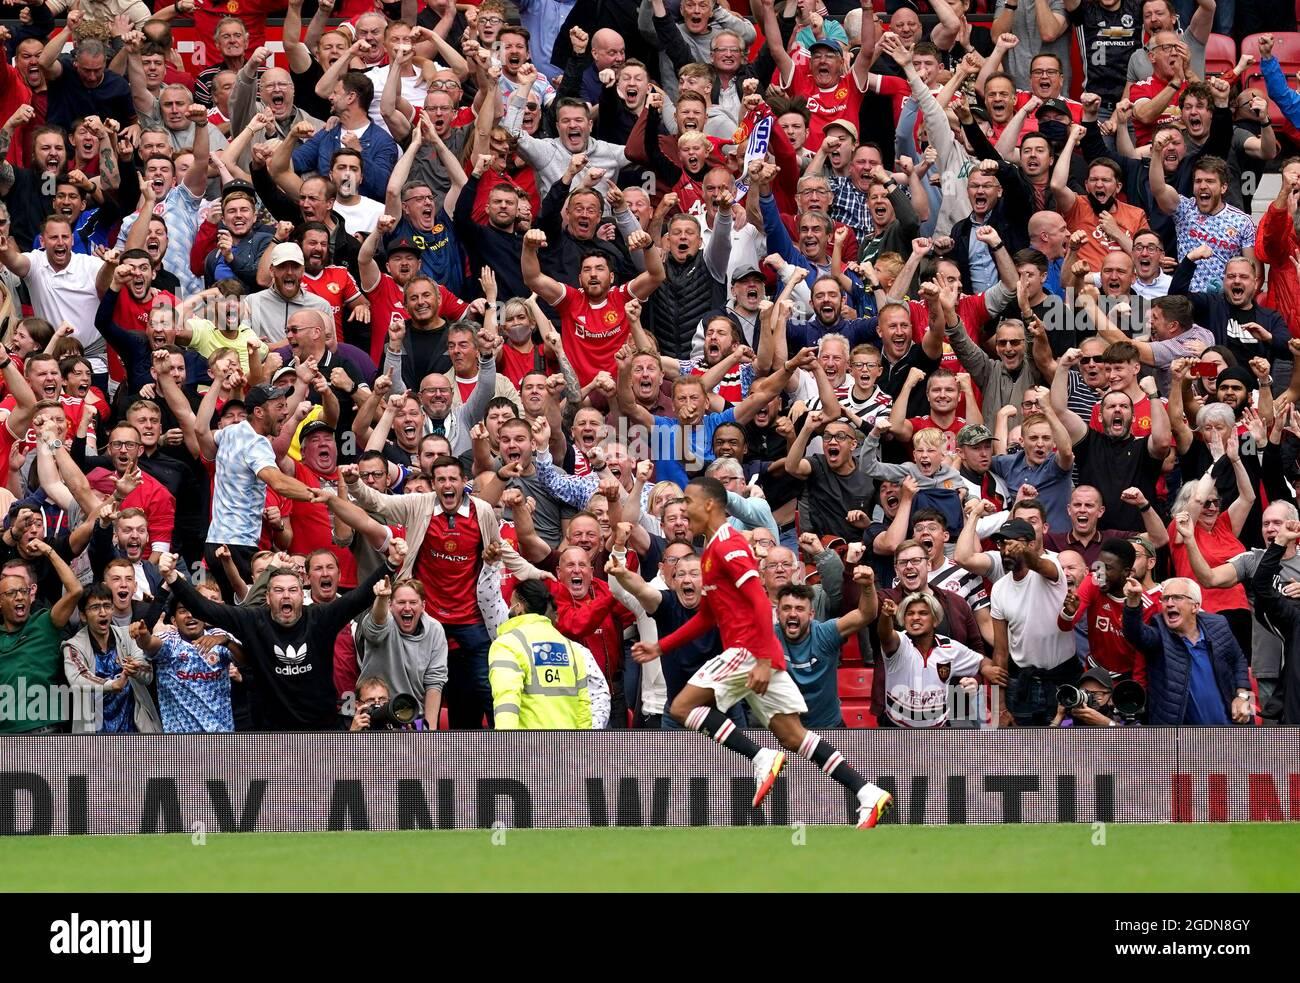 Mason Greenwood di Manchester United festeggia di fronte ai fan dopo aver segnato il secondo gol della partita durante la partita della Premier League a Old Trafford, Manchester. Data immagine: Sabato 14 agosto 2021. Foto Stock